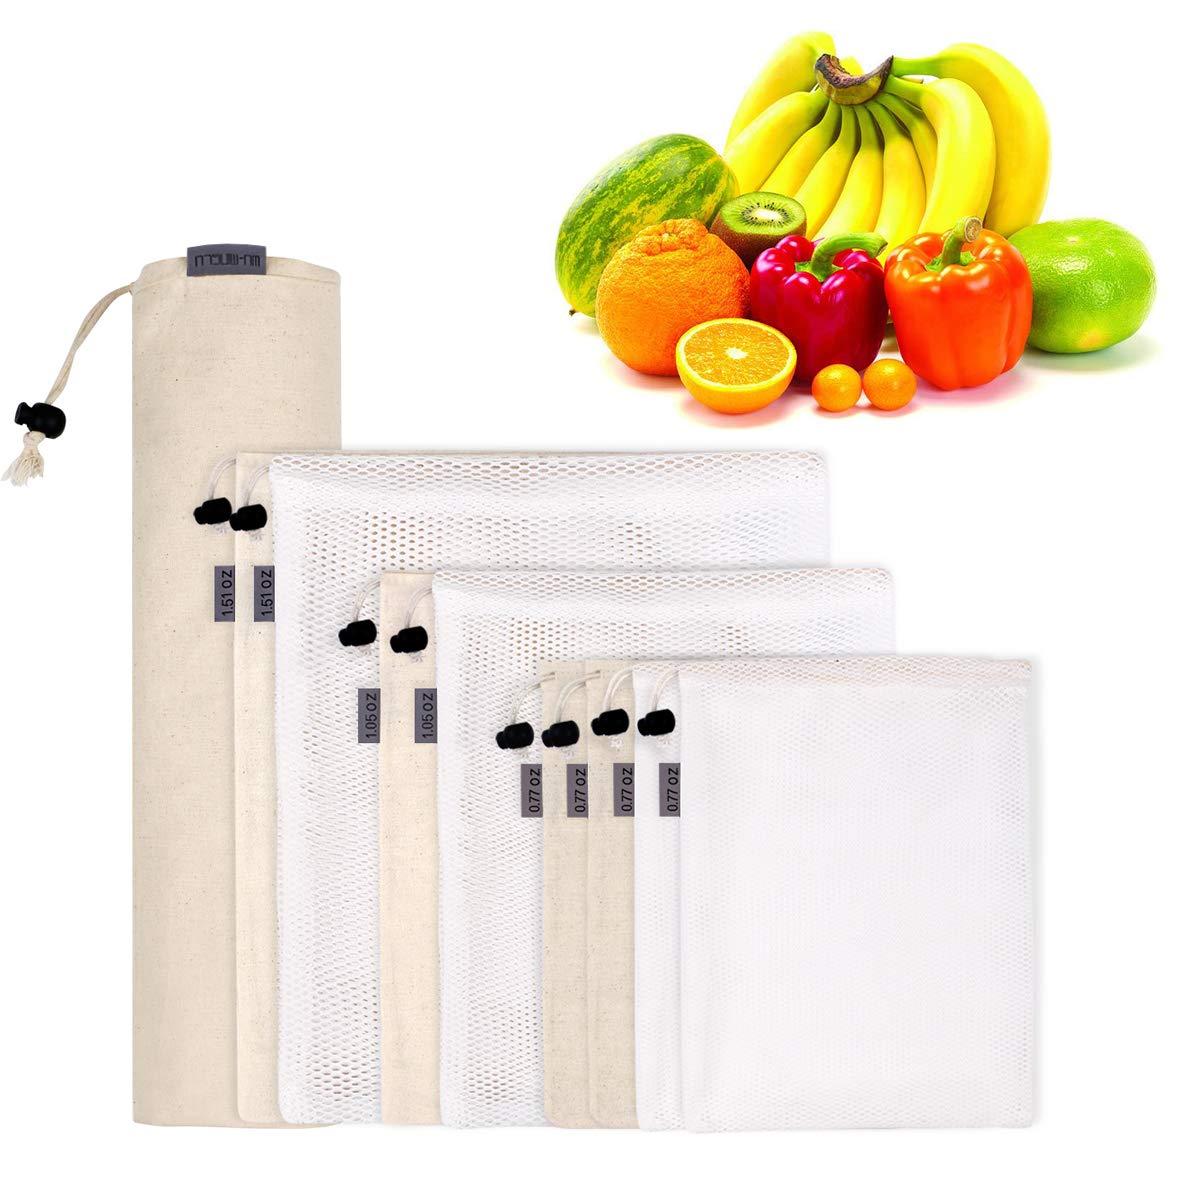 9er Set Obst&Gemüsebeutel,WU-MINGLU Einkaufstaschen wiederverwendbar Gemüsenetze robuste Kartoffelsack Brotbeutel Baumwolle Einkaufsnetze Kordelzug Tasche Aufbewahrungsbeutel für Einkaufen und Haushalt